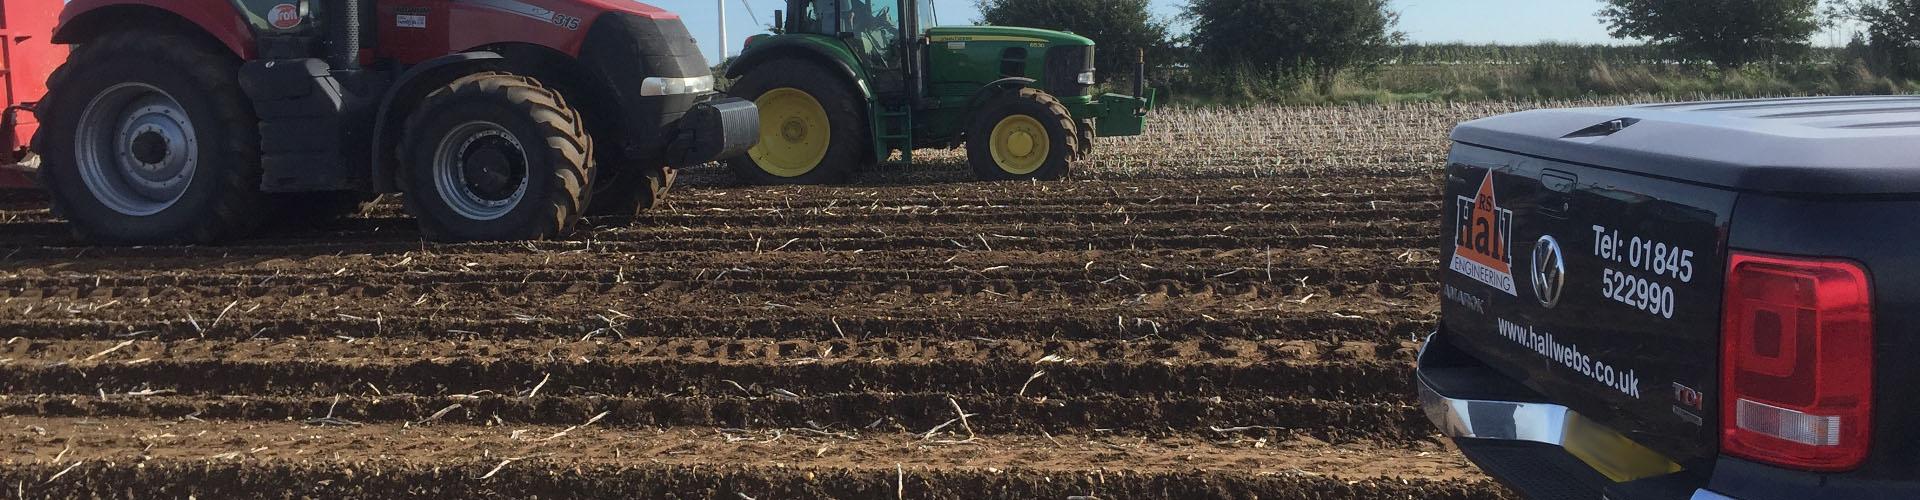 agricultural webs